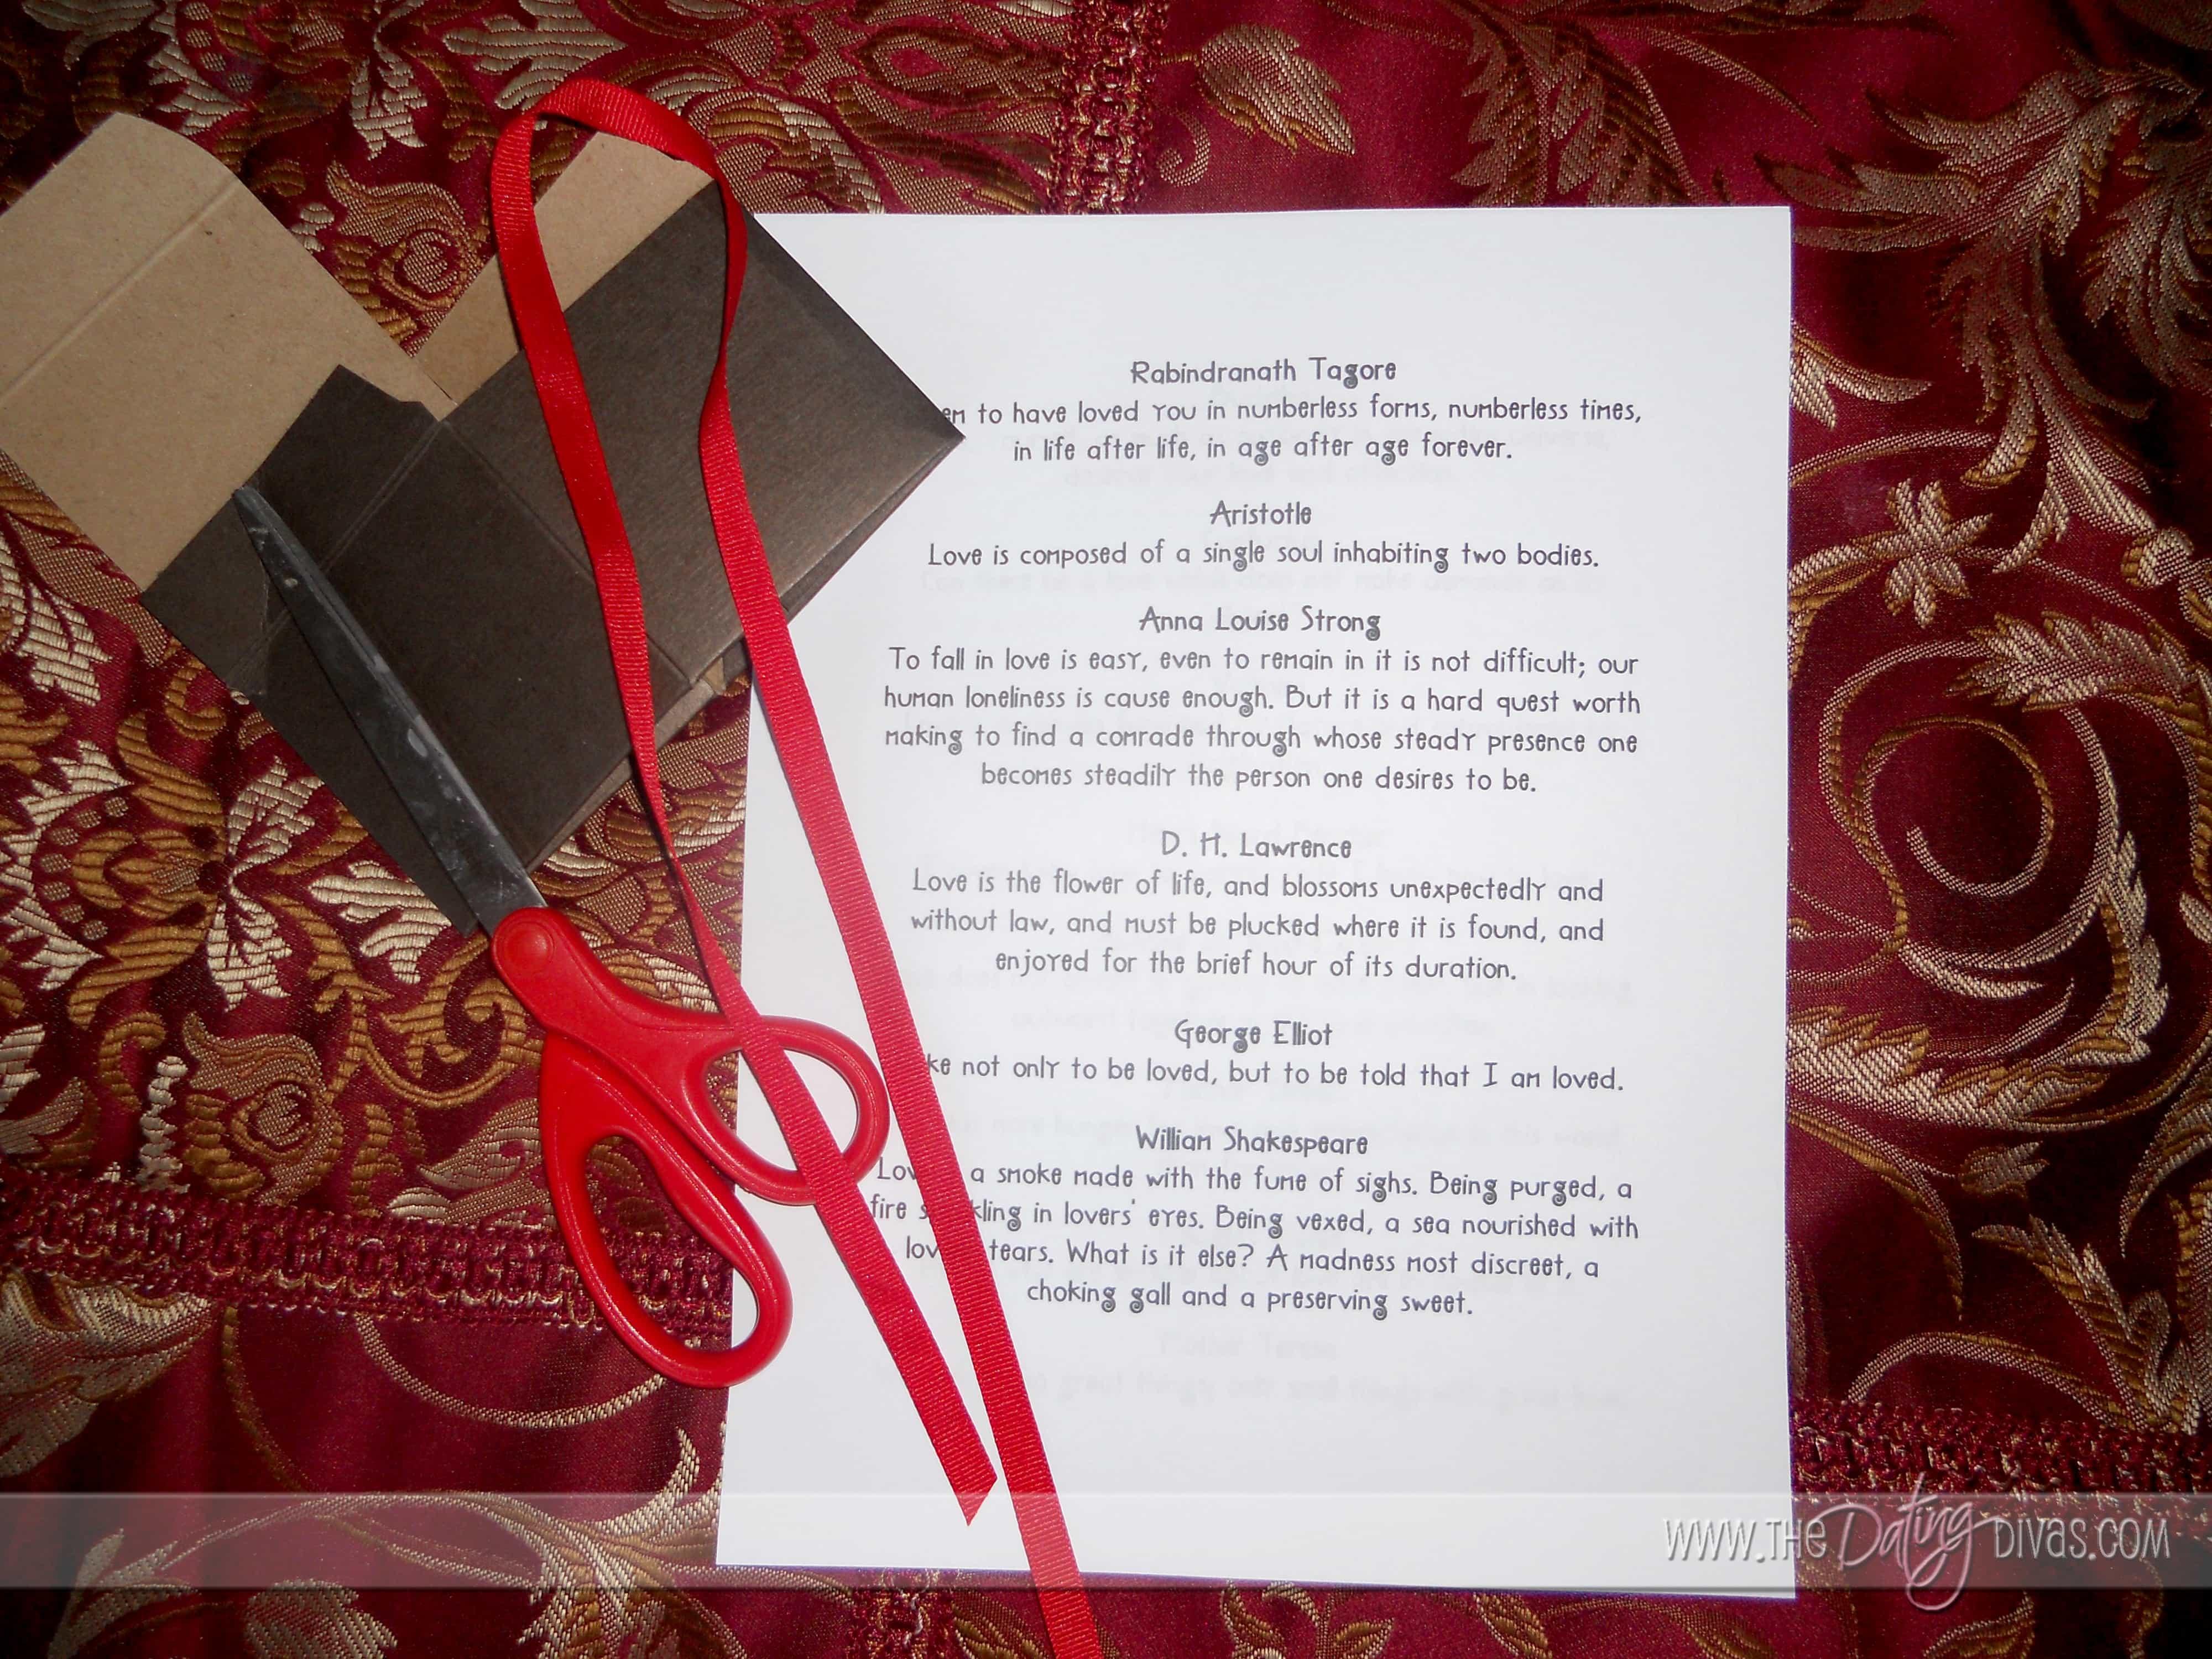 ... Dating Anniversary Gifts,2 Year Anniversary Gifts,Wedding Anniversary